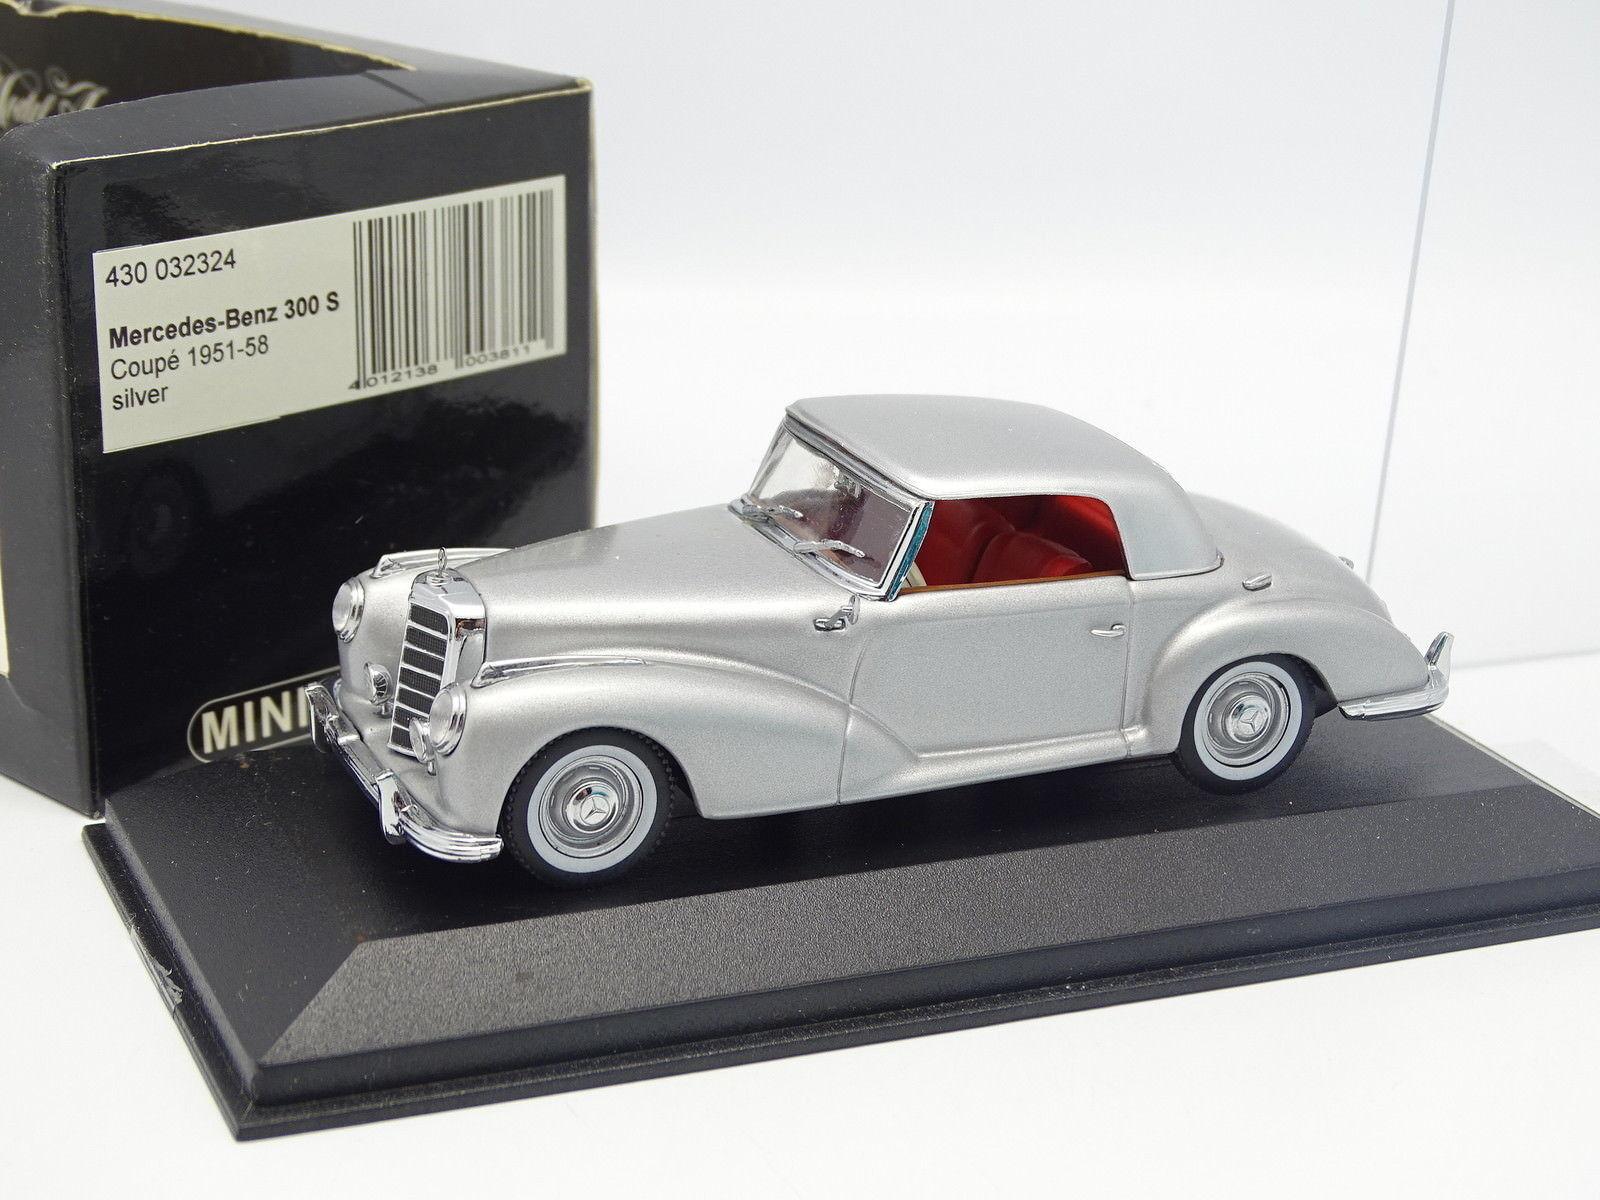 Minichamps 1 43 - Mercedes 300 S Coupé 1951 silver